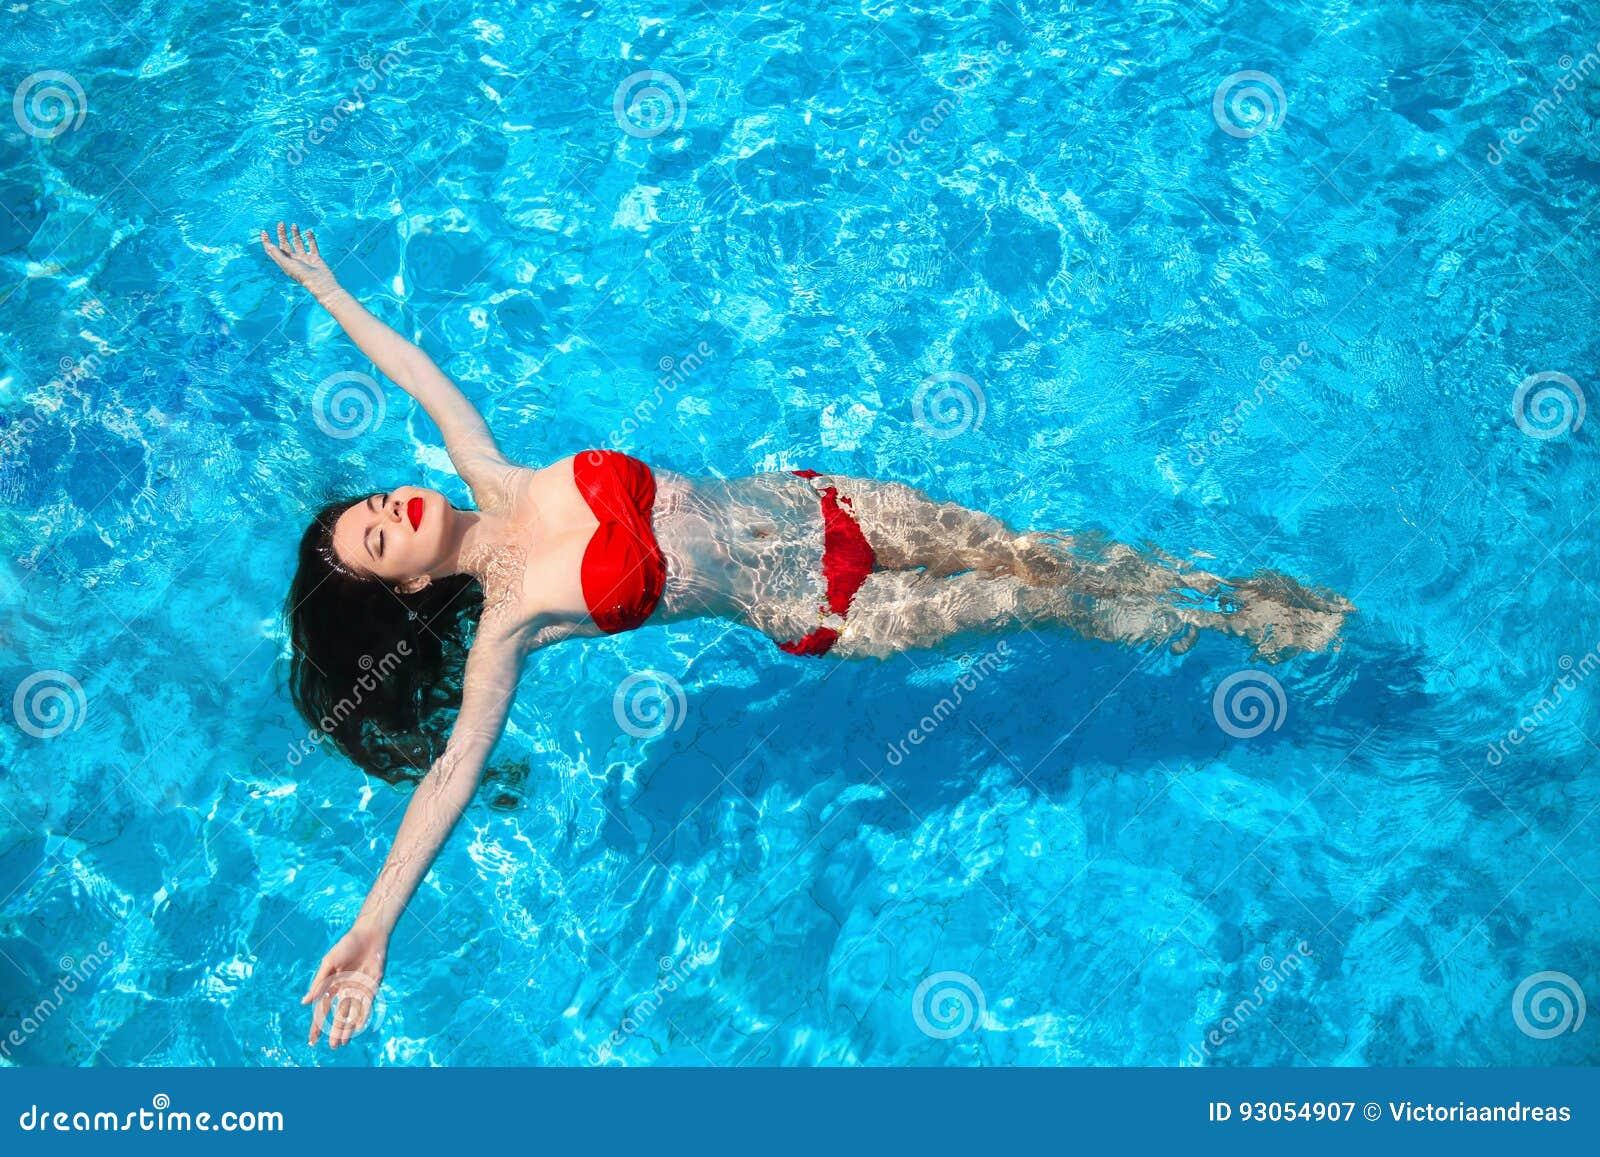 Fasonuje idylliczny seksowny bikini garbnikującego kobiety dopłynięcie na powierzchni